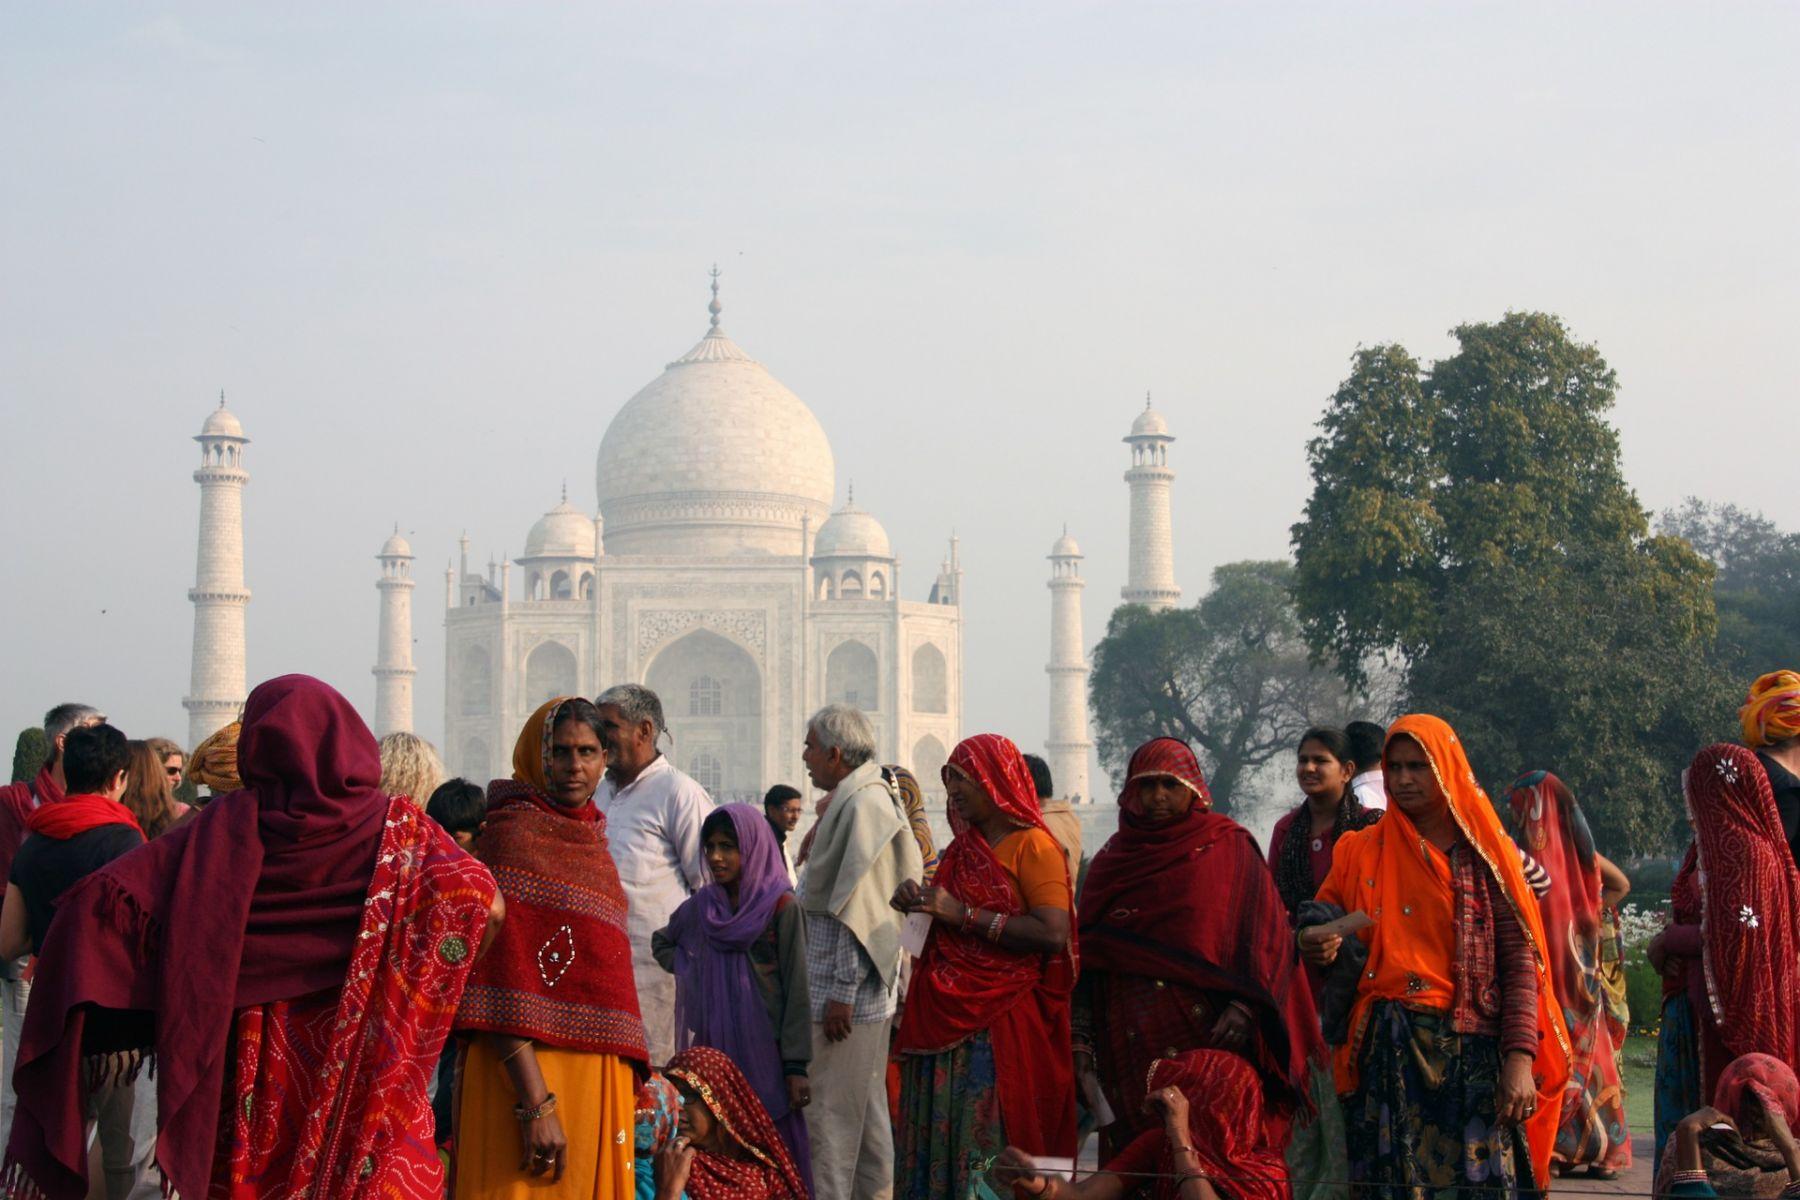 25歲以下人口超過6億!前進印度掌握「這兩優勢」求職待遇高